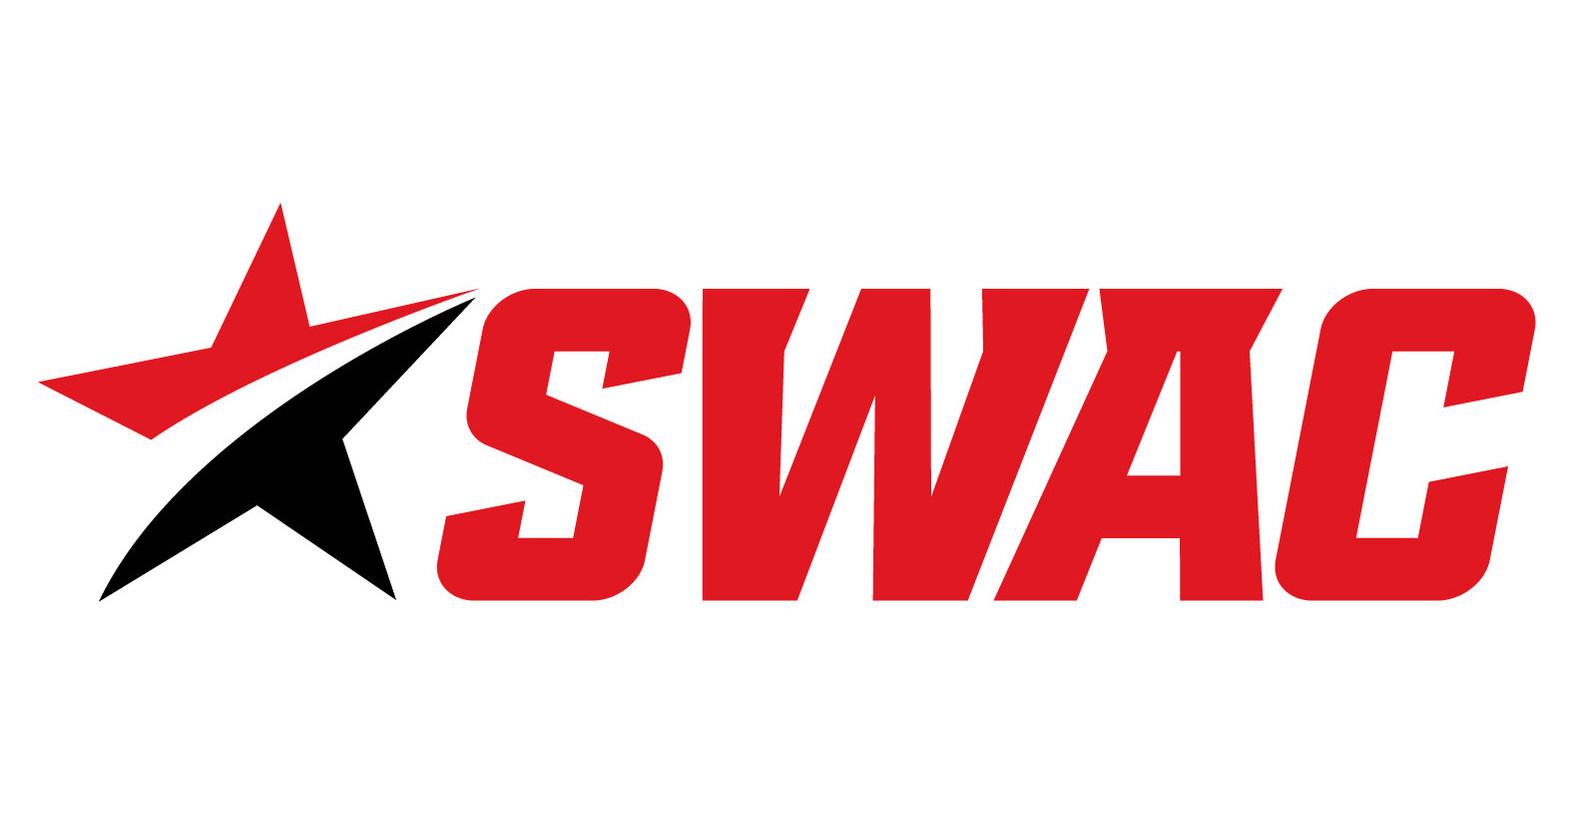 HBCU/SWAC